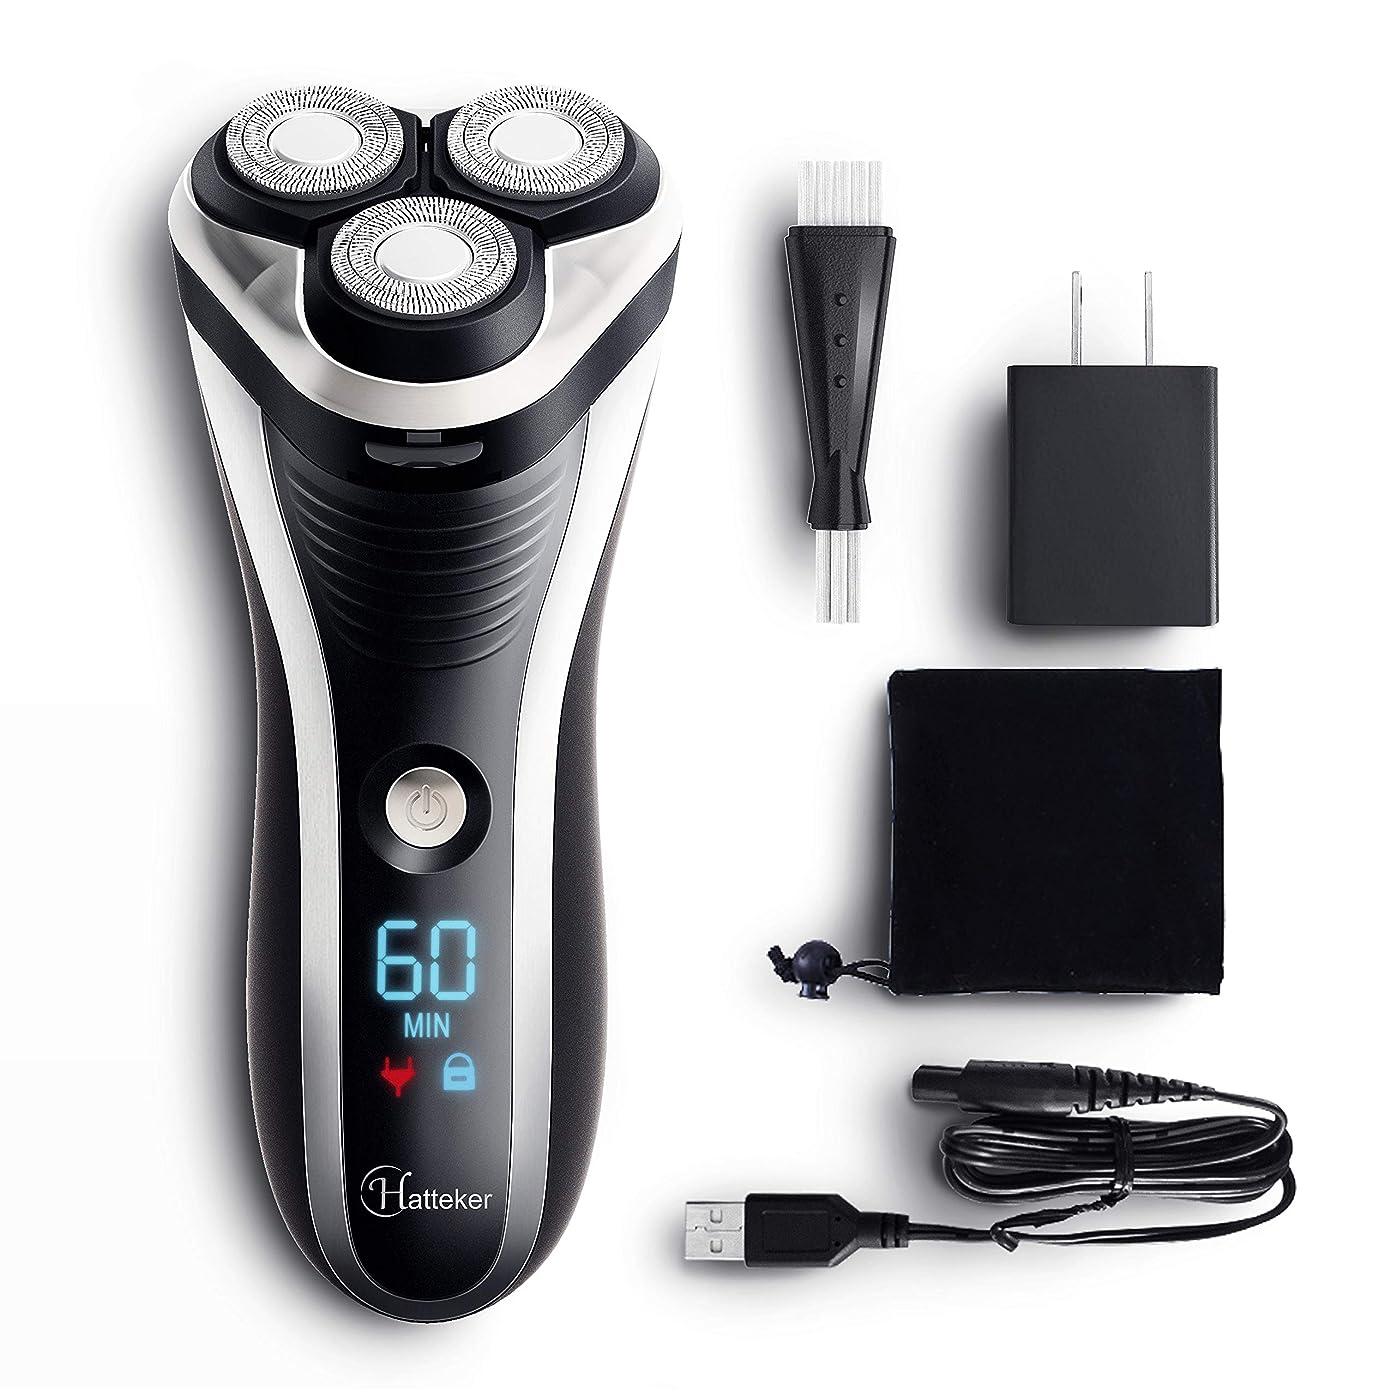 飲み込む先例ヘクタールHATTEKER 電気シェーバー 髭剃り メンズ シェイバー ひげそり 回転式 もみあげ 水洗いOK ウエット·ドライ剃り USB充電式· 交流式 LEDディスプレイ(一年間保証)